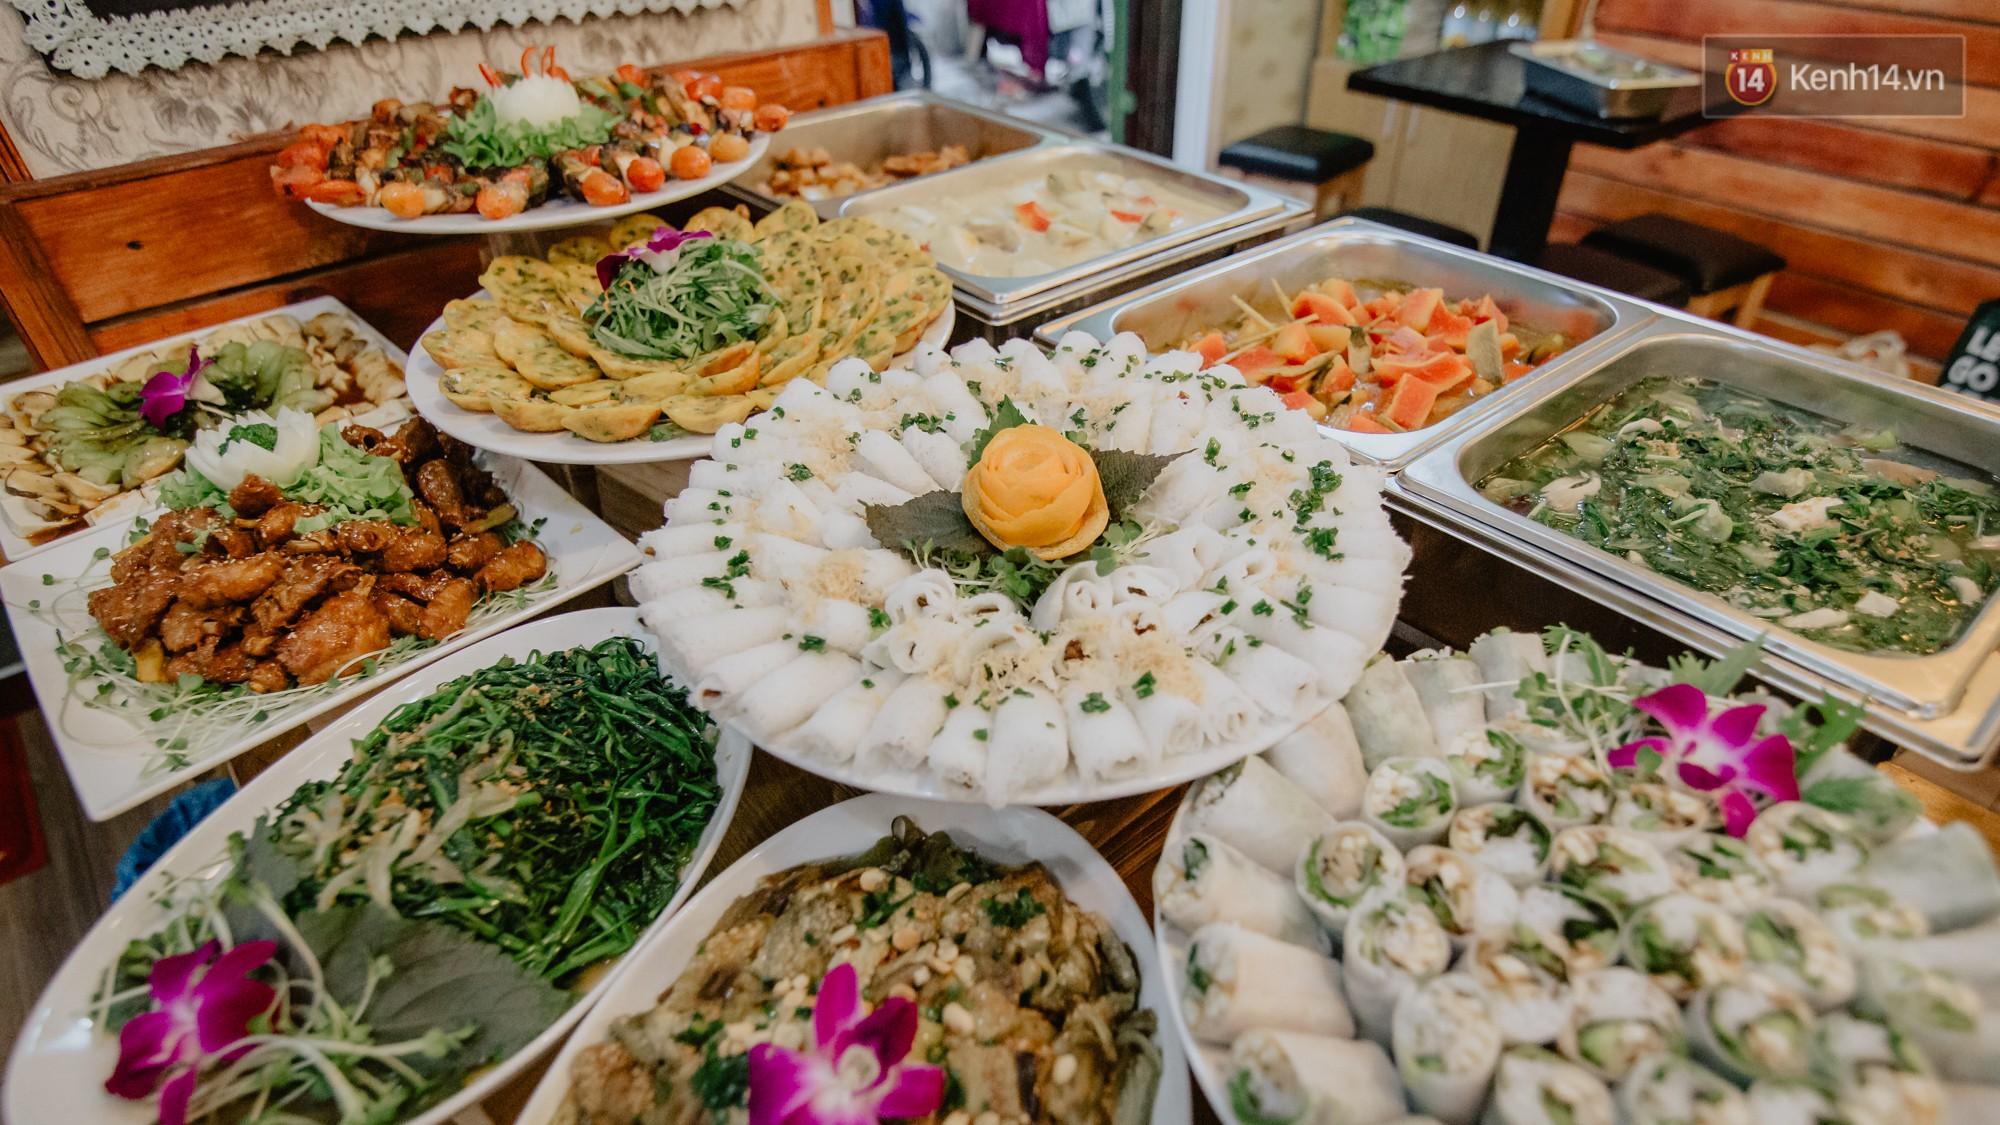 Quán chay từ thiện độc nhất vô nhị ở Sài Gòn: ăn tuỳ bụng trả tiền… tuỳ tâm - Ảnh 3.